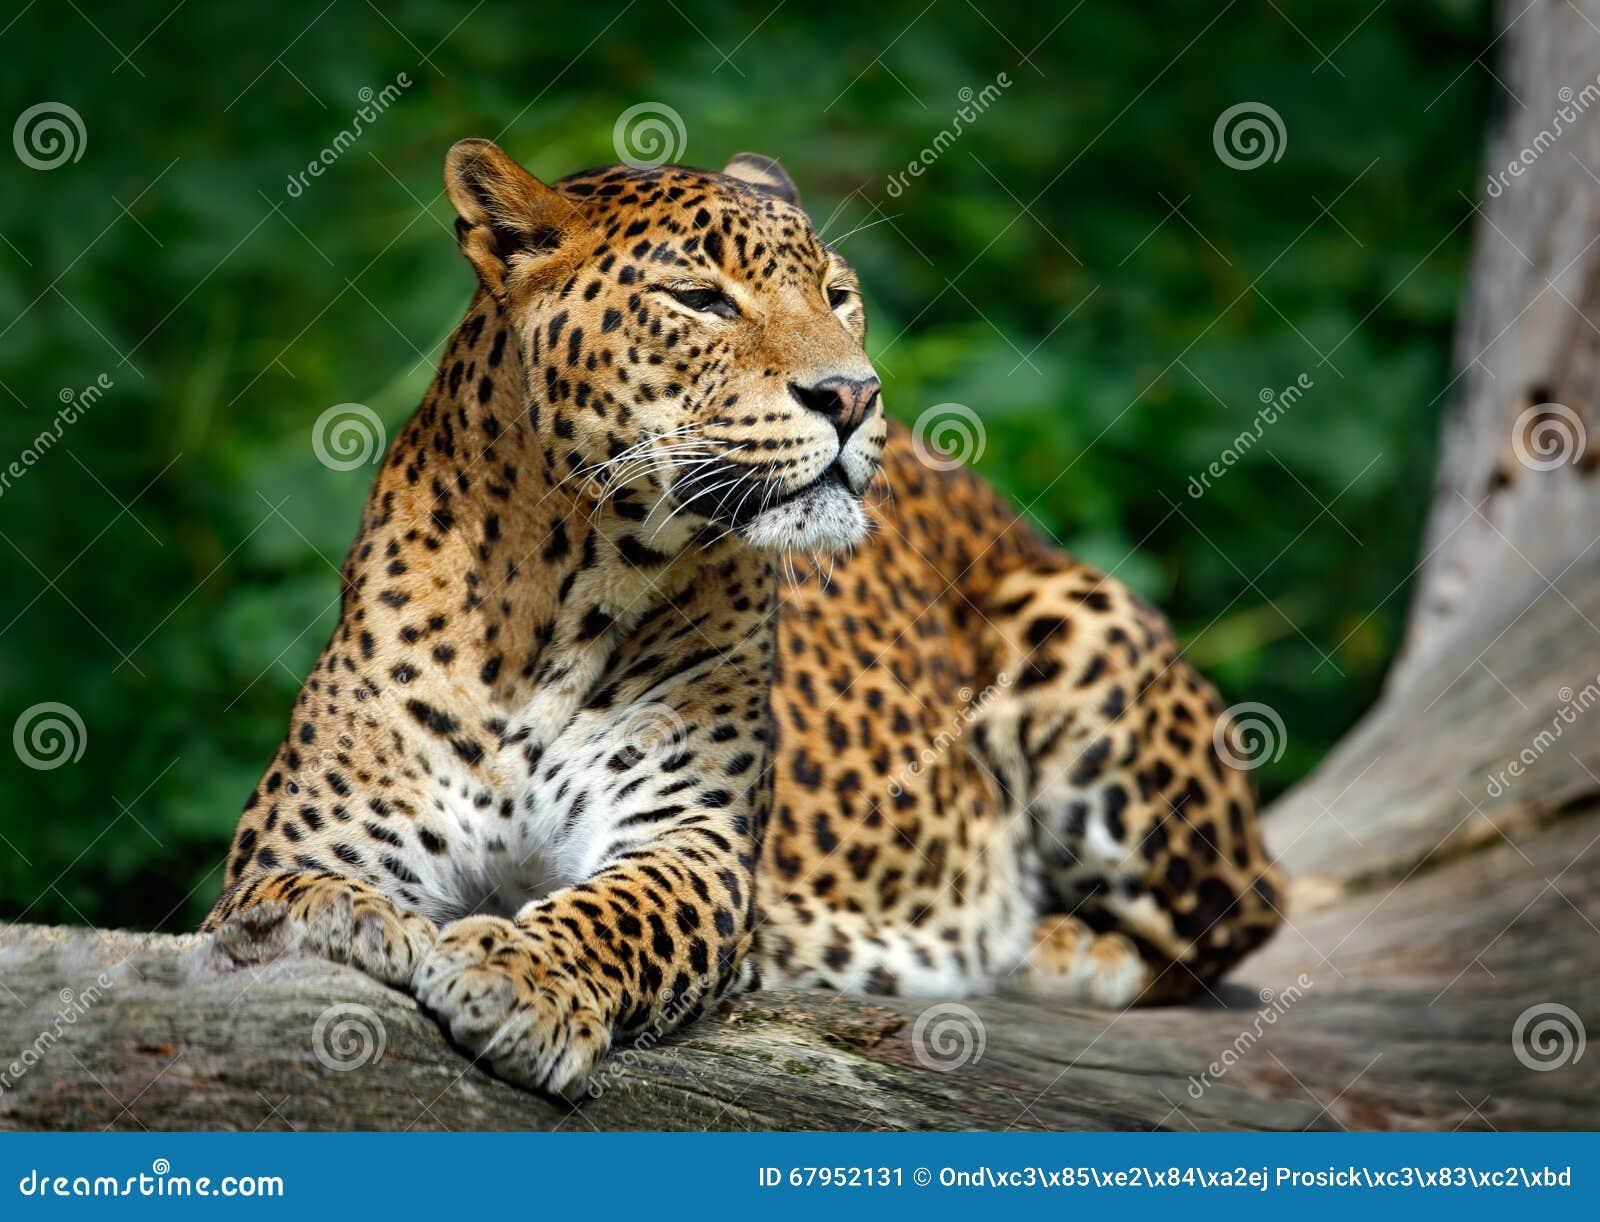 Леопард Sri Lankan, kotiya pardus пантеры, большой запятнанный кот лежа на дереве в среду обитания природы, национальный парк Yal